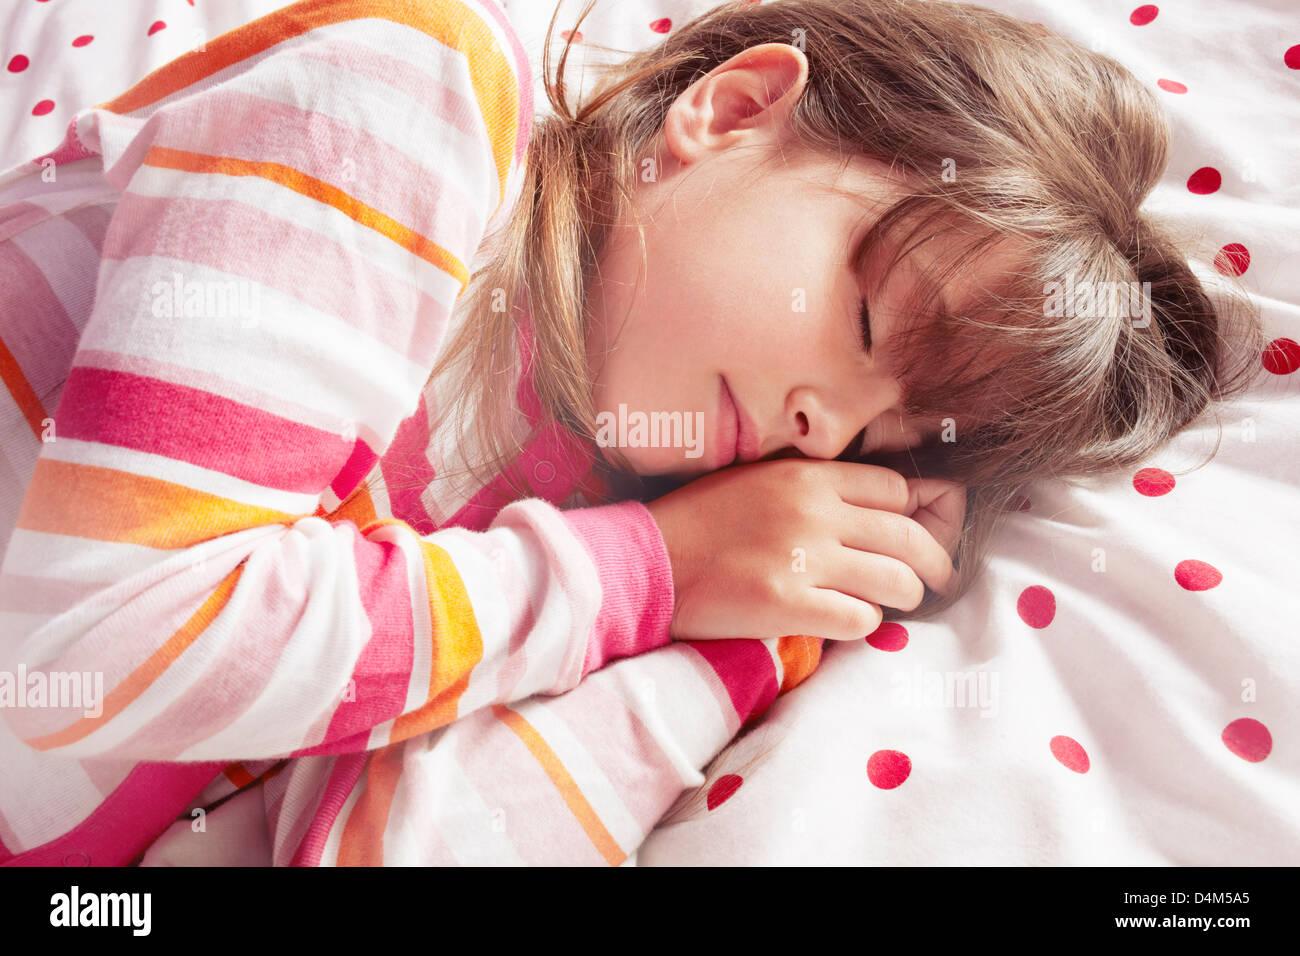 Girl sleeping on polka dot blanket - Stock Image